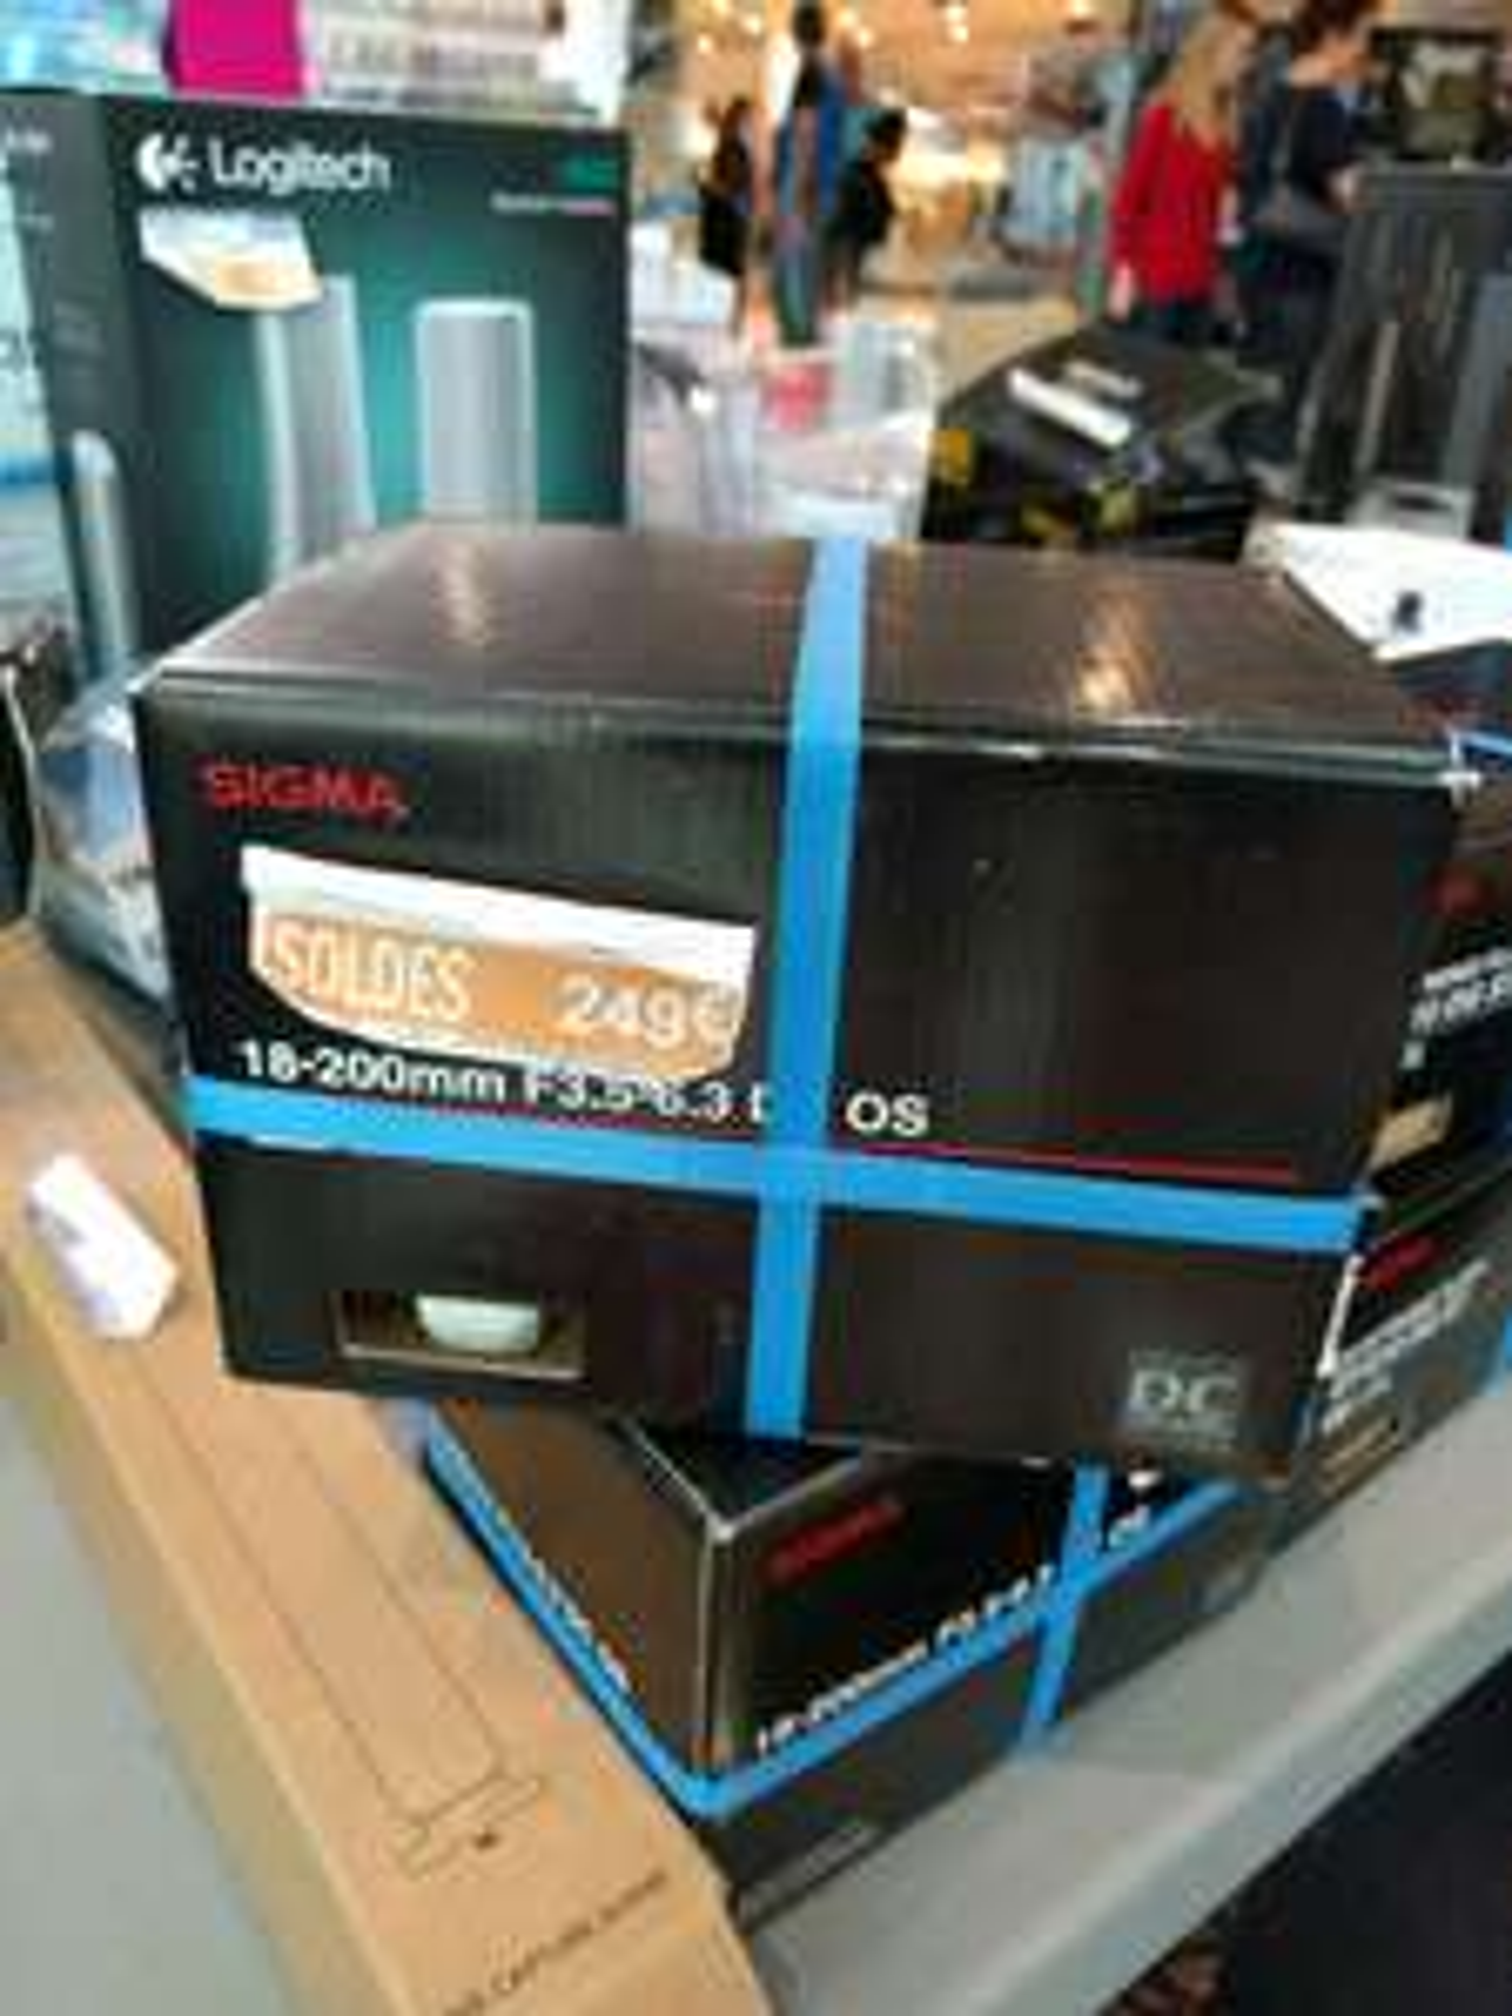 Objectif pour Reflex Sigma 18-200 F3.5-6.3 DC OS